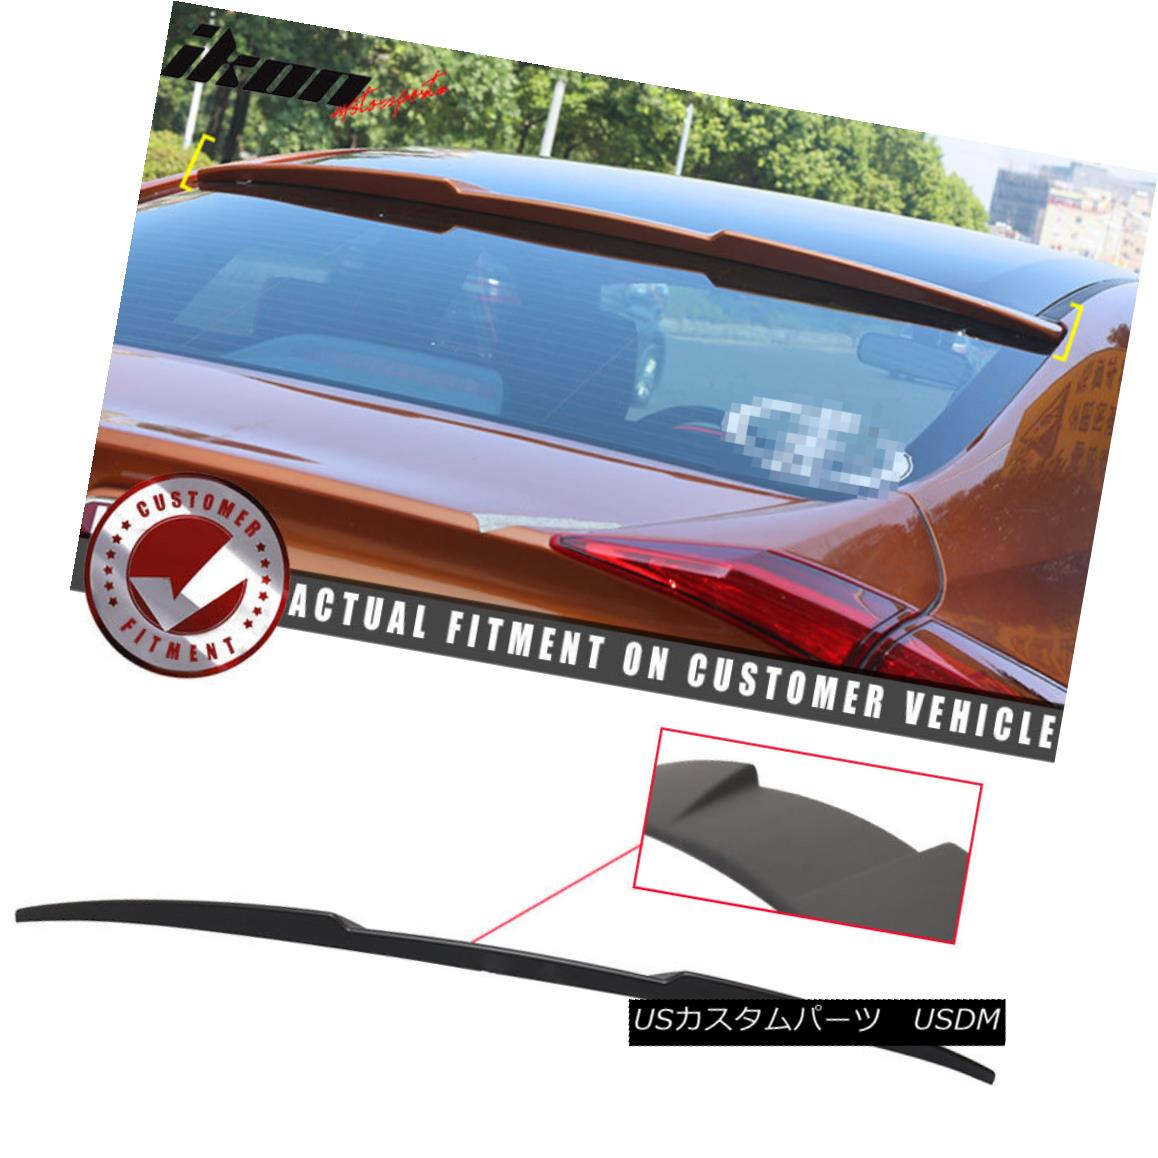 エアロパーツ 16-18 Honda Civic X Sedan 10th Gen 4Dr IKON Style Unpainted Roof Spoiler - ABS 16-18ホンダシビックXセダン第10世代4Dr IKONスタイル未塗装ルーフスポイラー - ABS